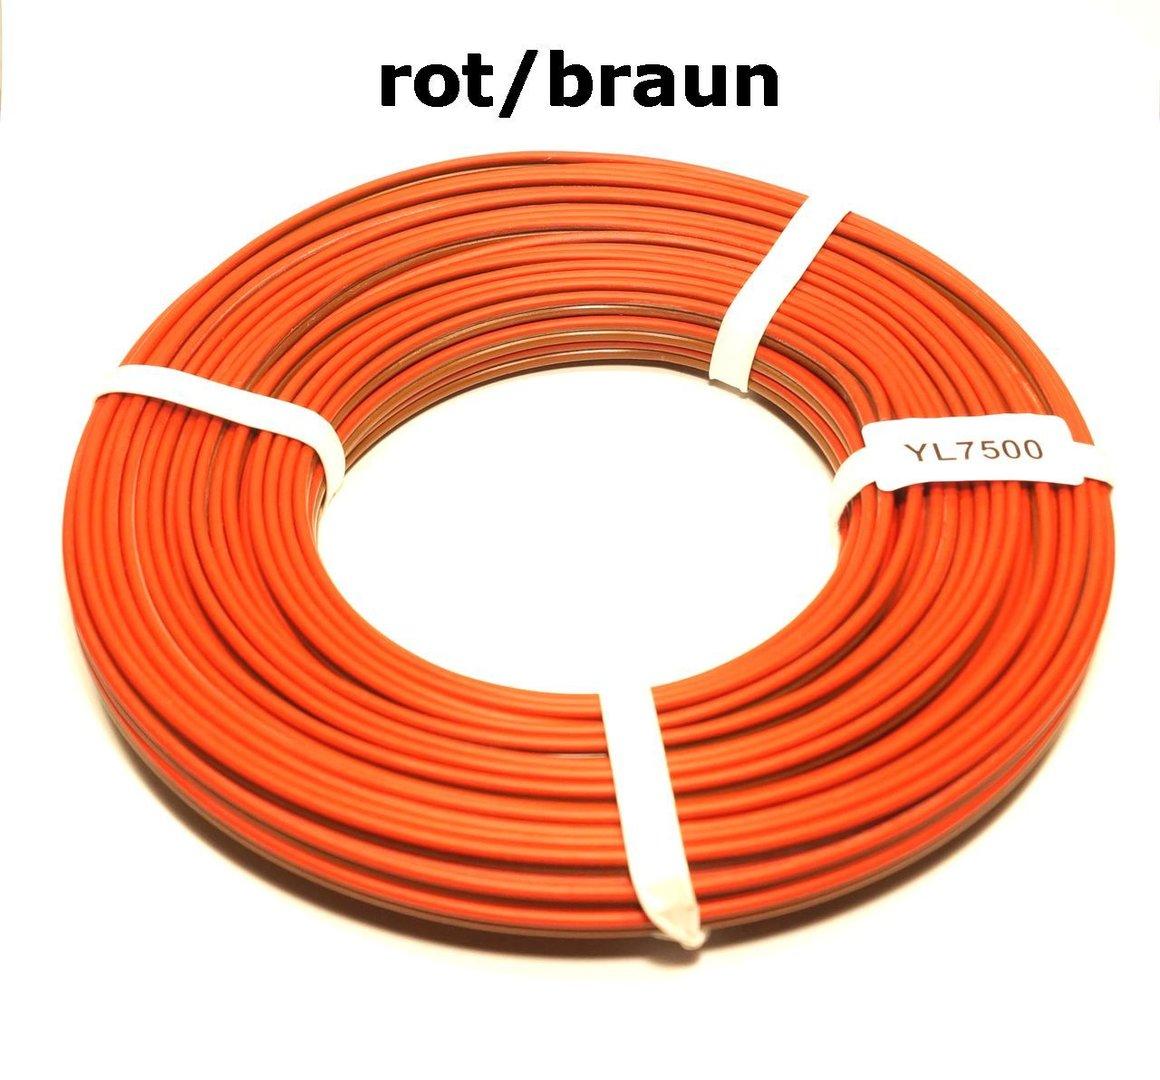 Kabel-//Litzenhalter für kleine Drähte und Litzen im Modellbau//Eisenbahn